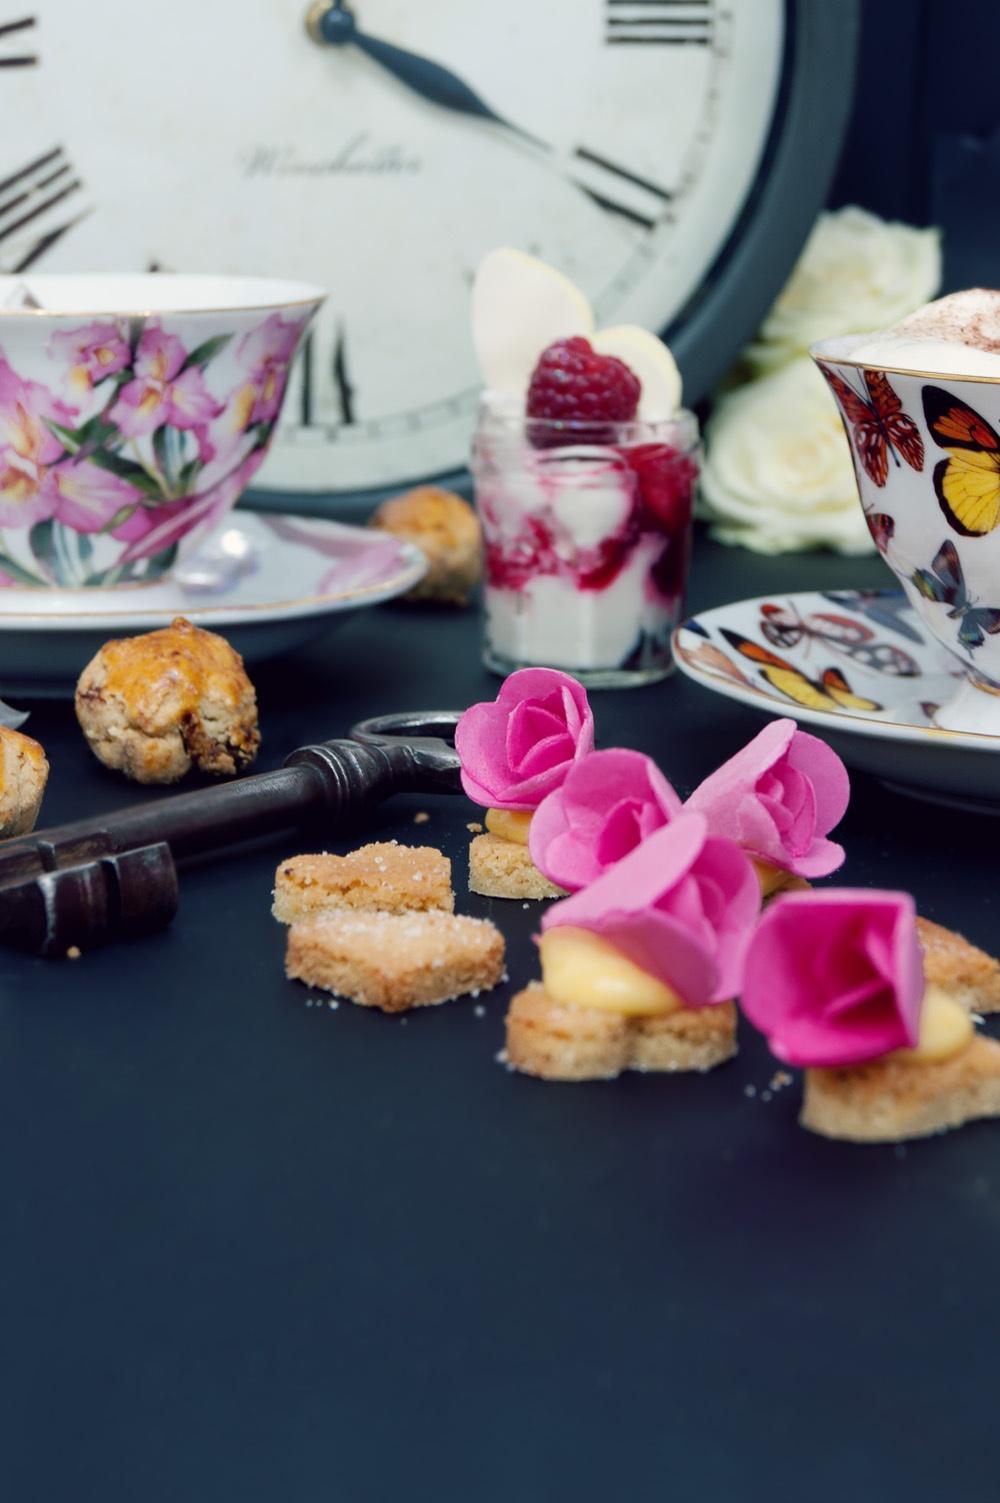 Tea Time in wonderland 16 - Qui a volé les tartes - Studio 2 création